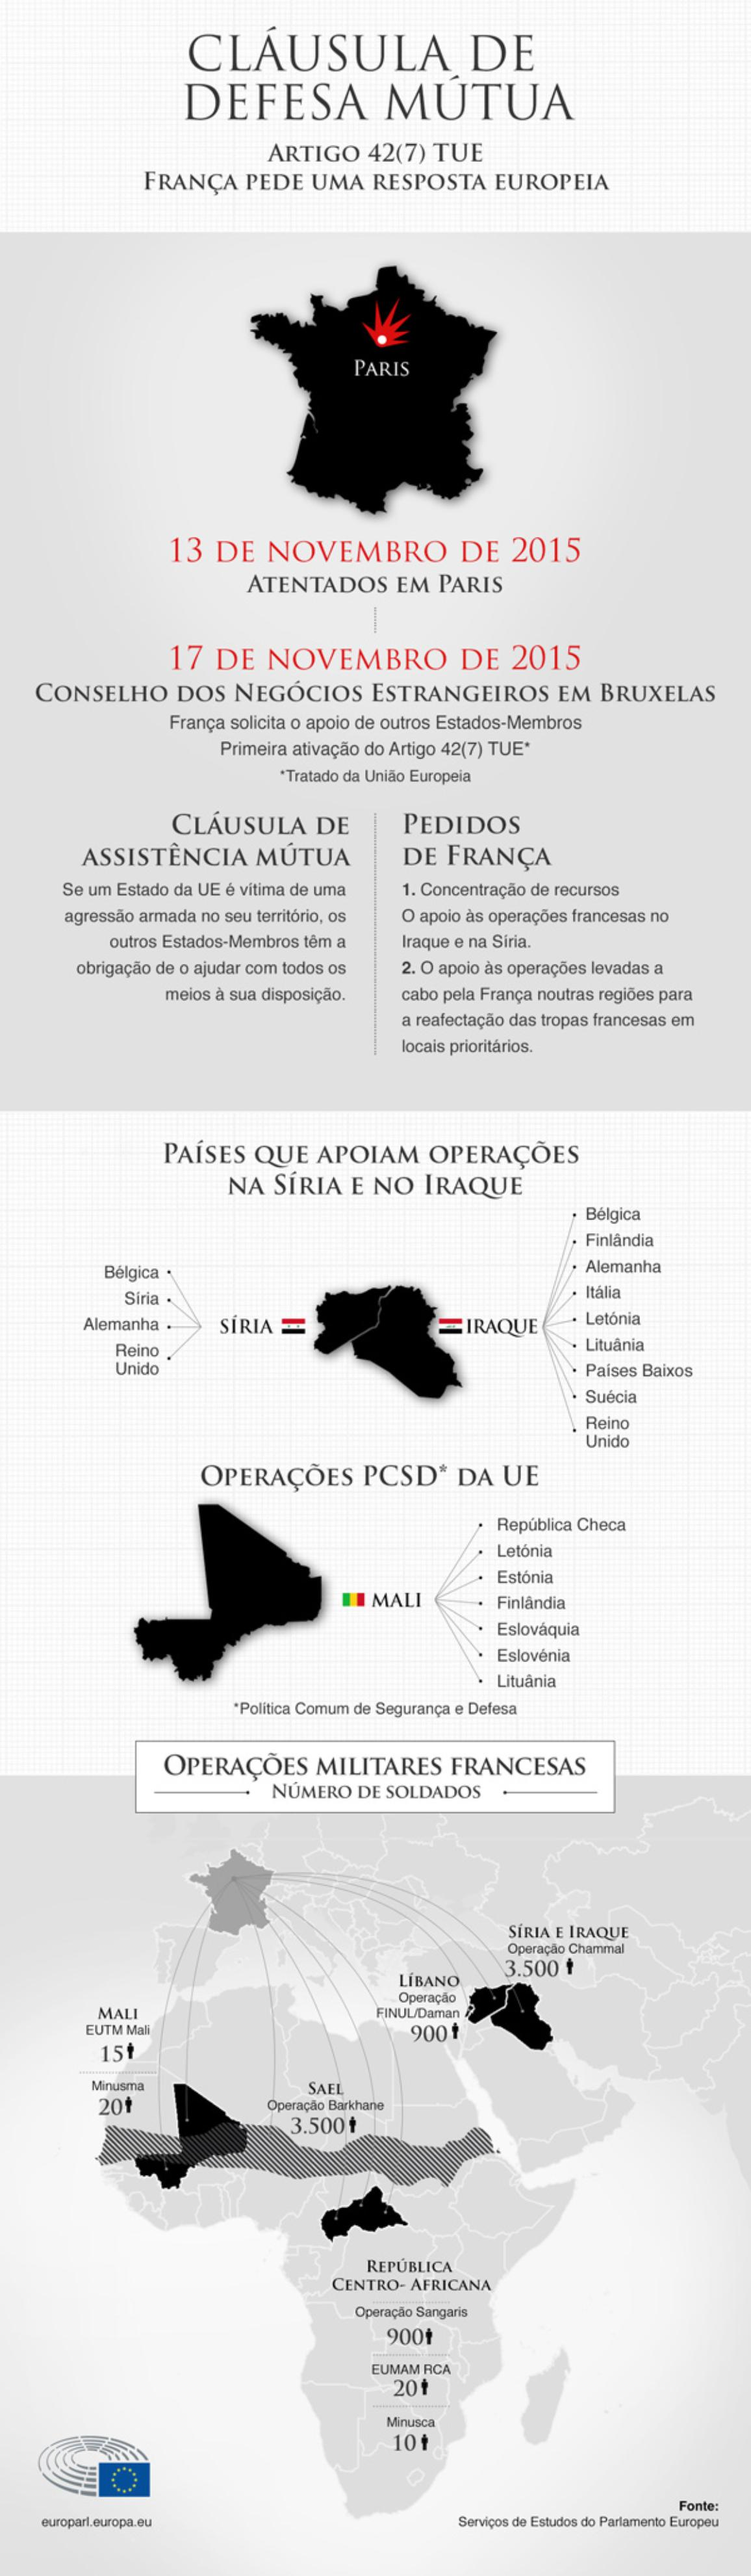 Infografia: Cláusula de defesa mútua